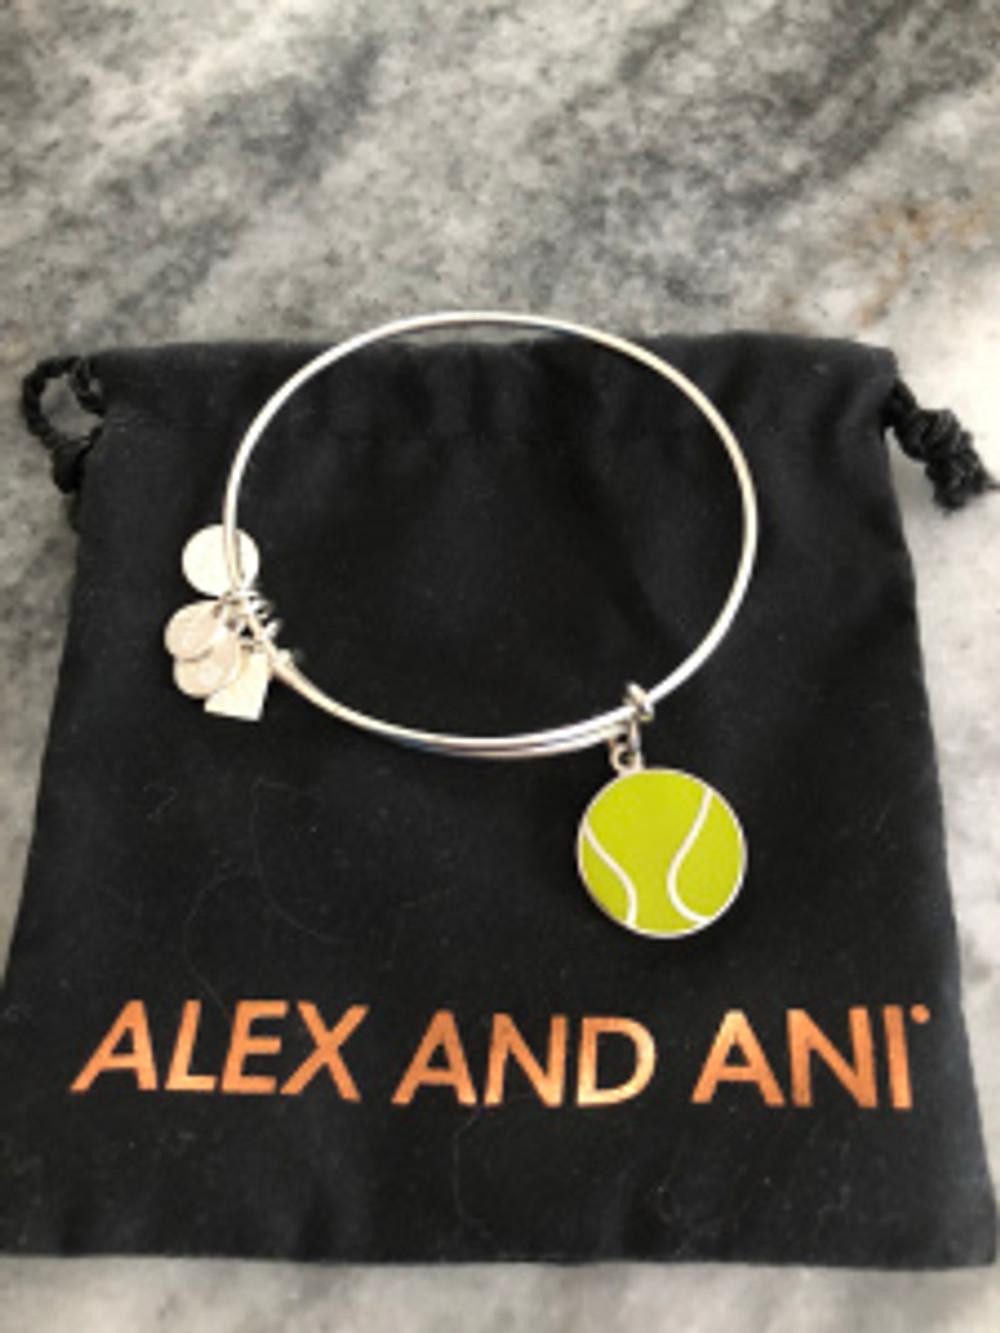 Alex and Ani tennis expandable bracelet